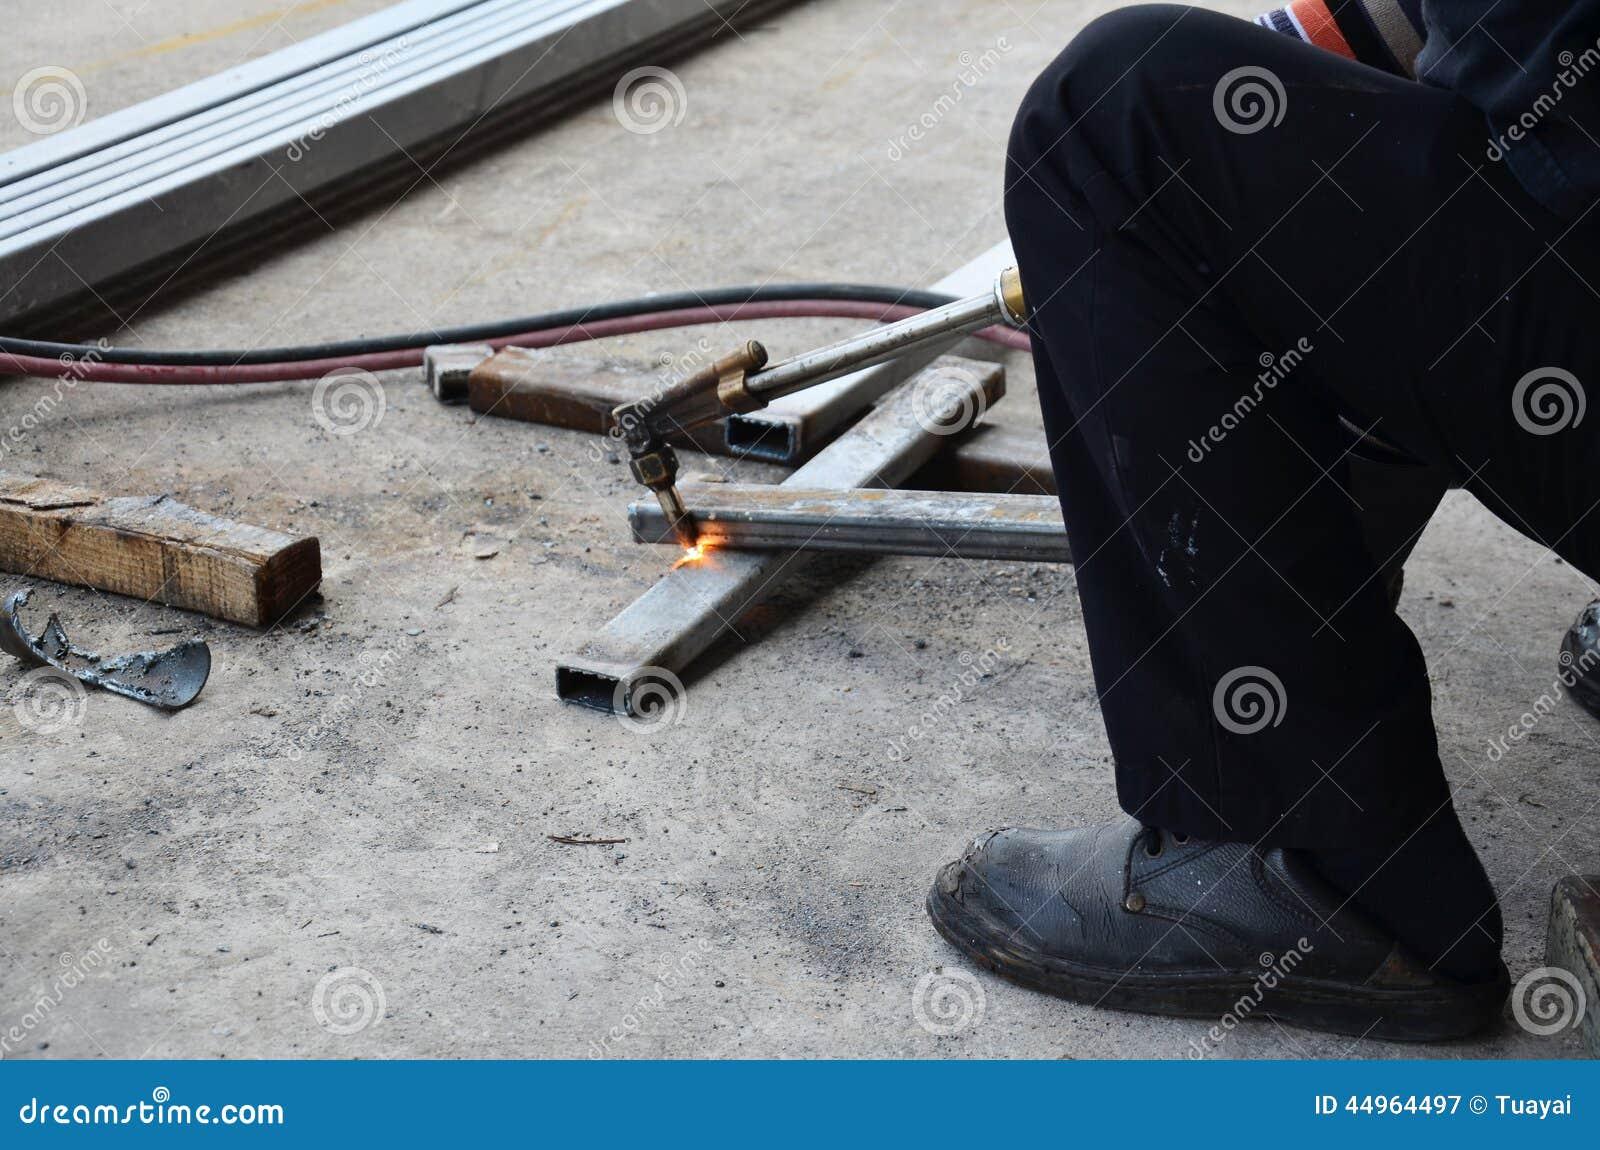 Welding Business Plan